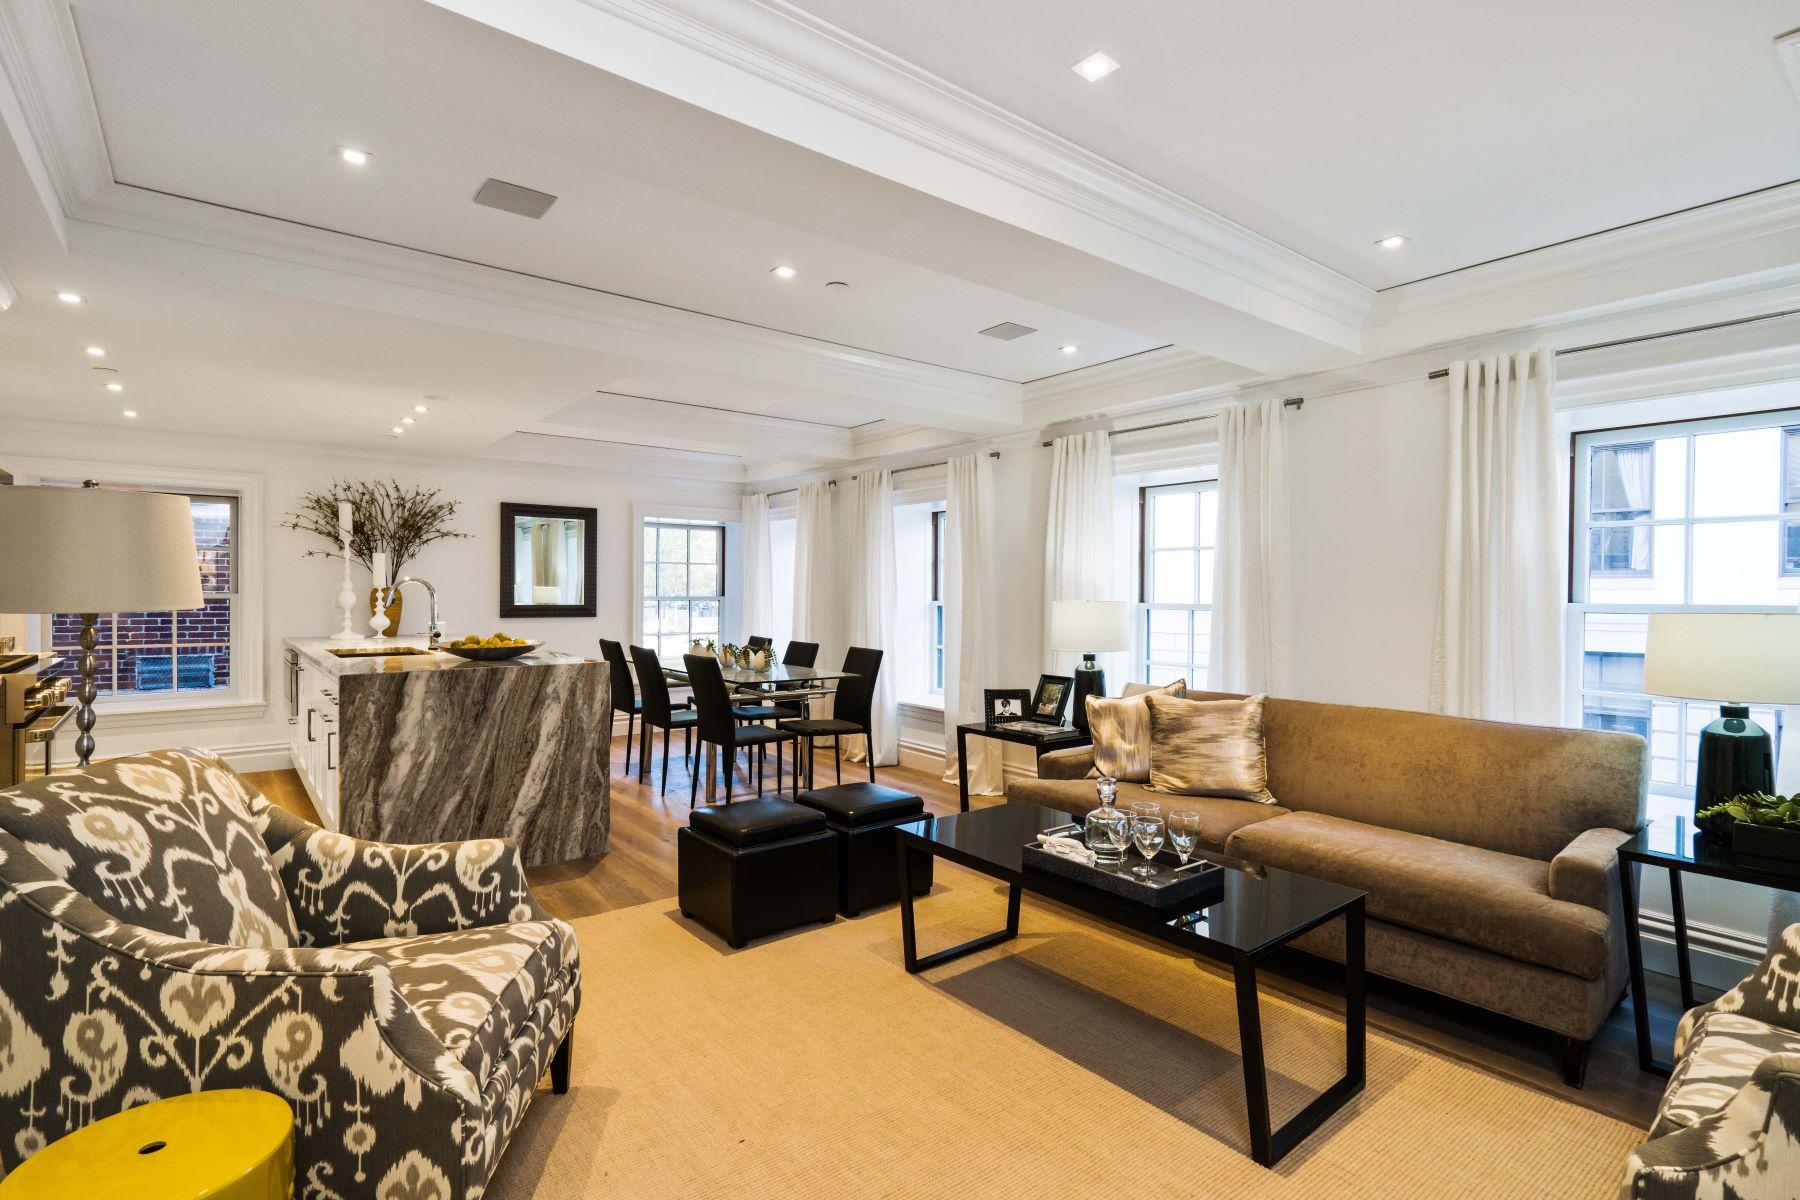 Condominium for Sale at 32 Derne Street - Unit 3C 32 Derne Street Unit 3C Boston, Massachusetts 02114 United States